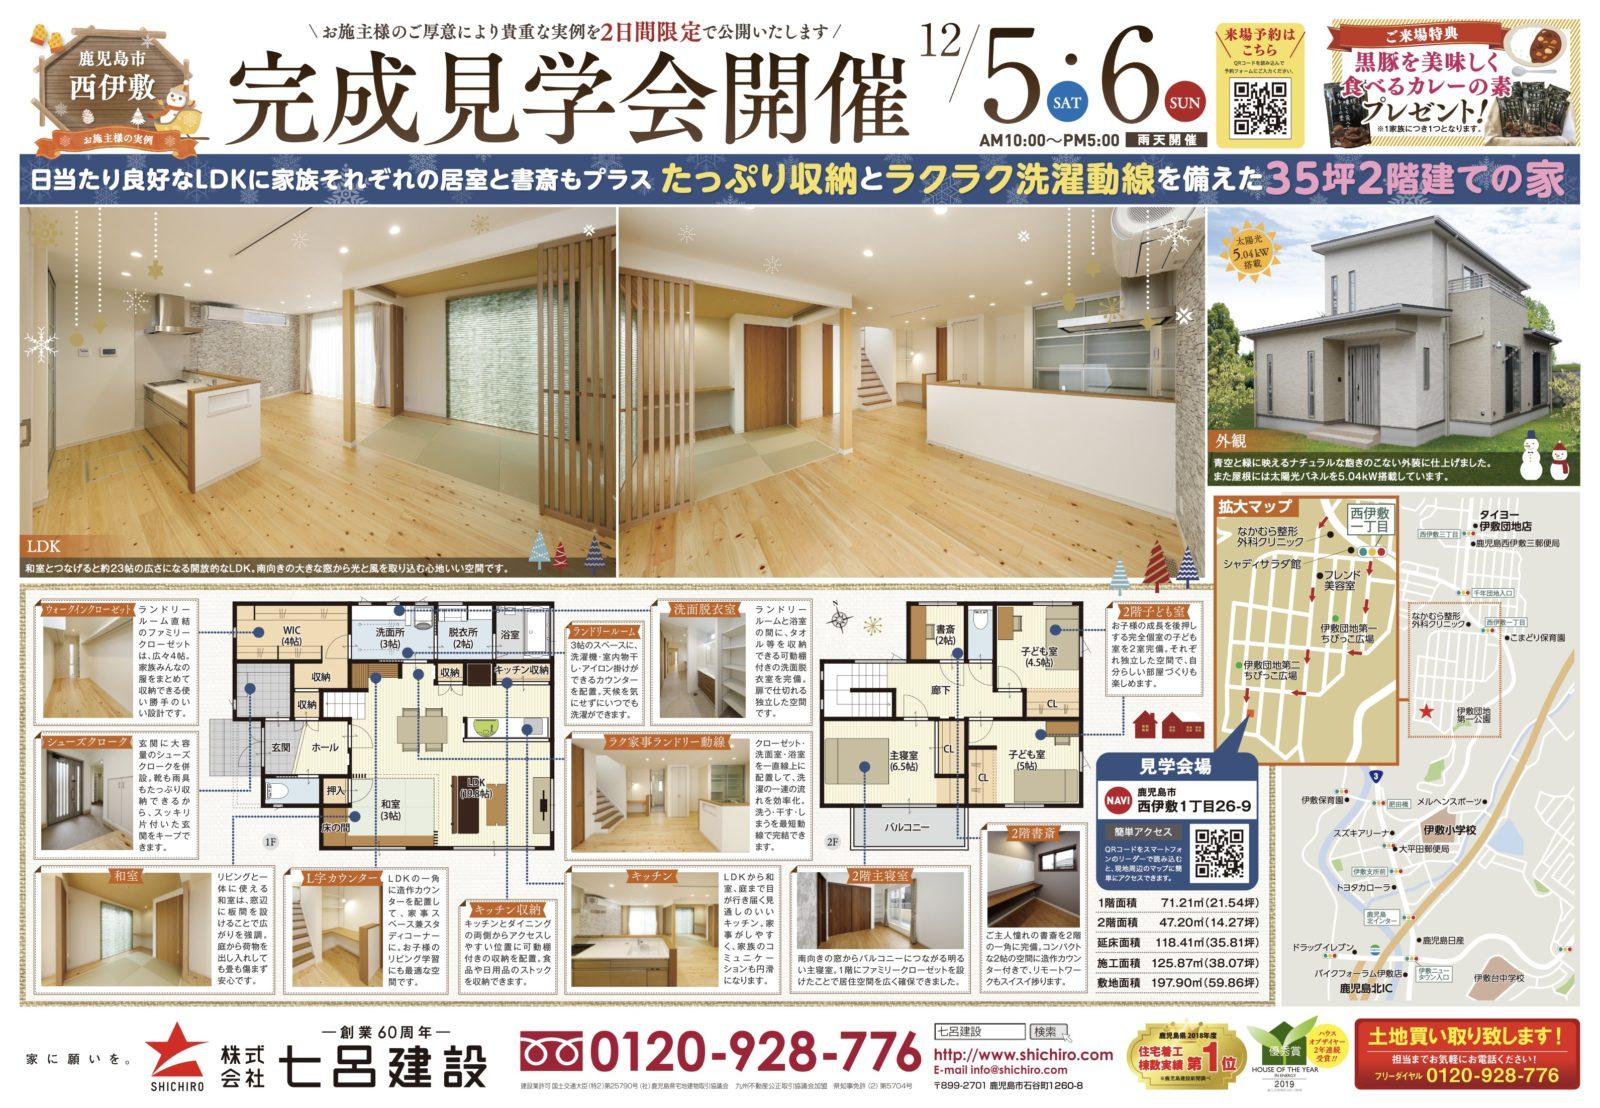 鹿児島市西伊敷で完成見学会 たっぷり収納とラクラク洗濯動線を備えた35坪2階建ての家